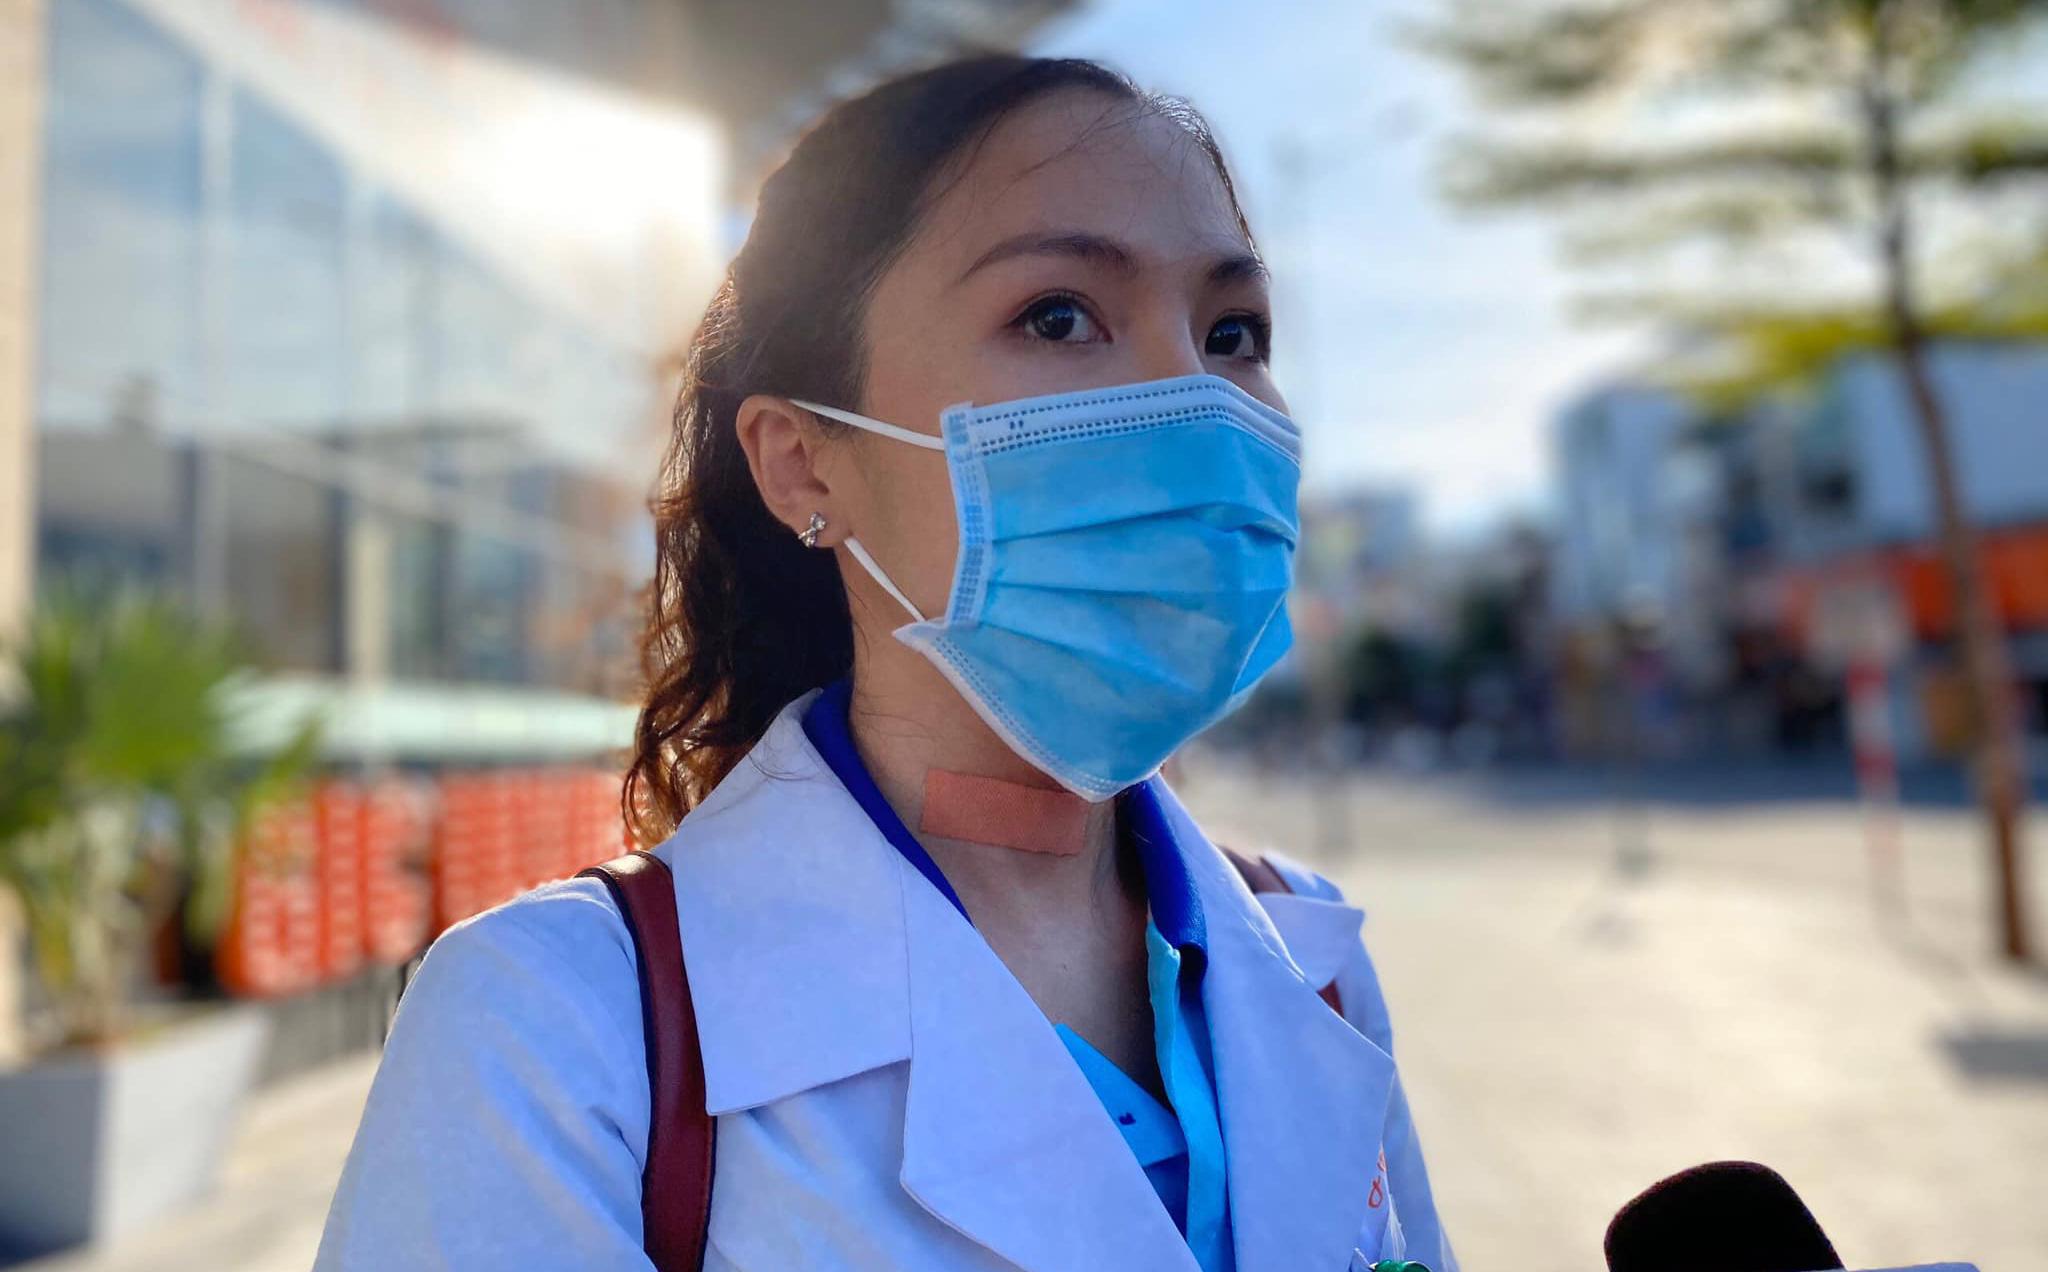 Tuyên bố đanh thép từ đoàn y tế Bình Định, Hải Phòng khi đến Đà Nẵng chống dịch Covid-19